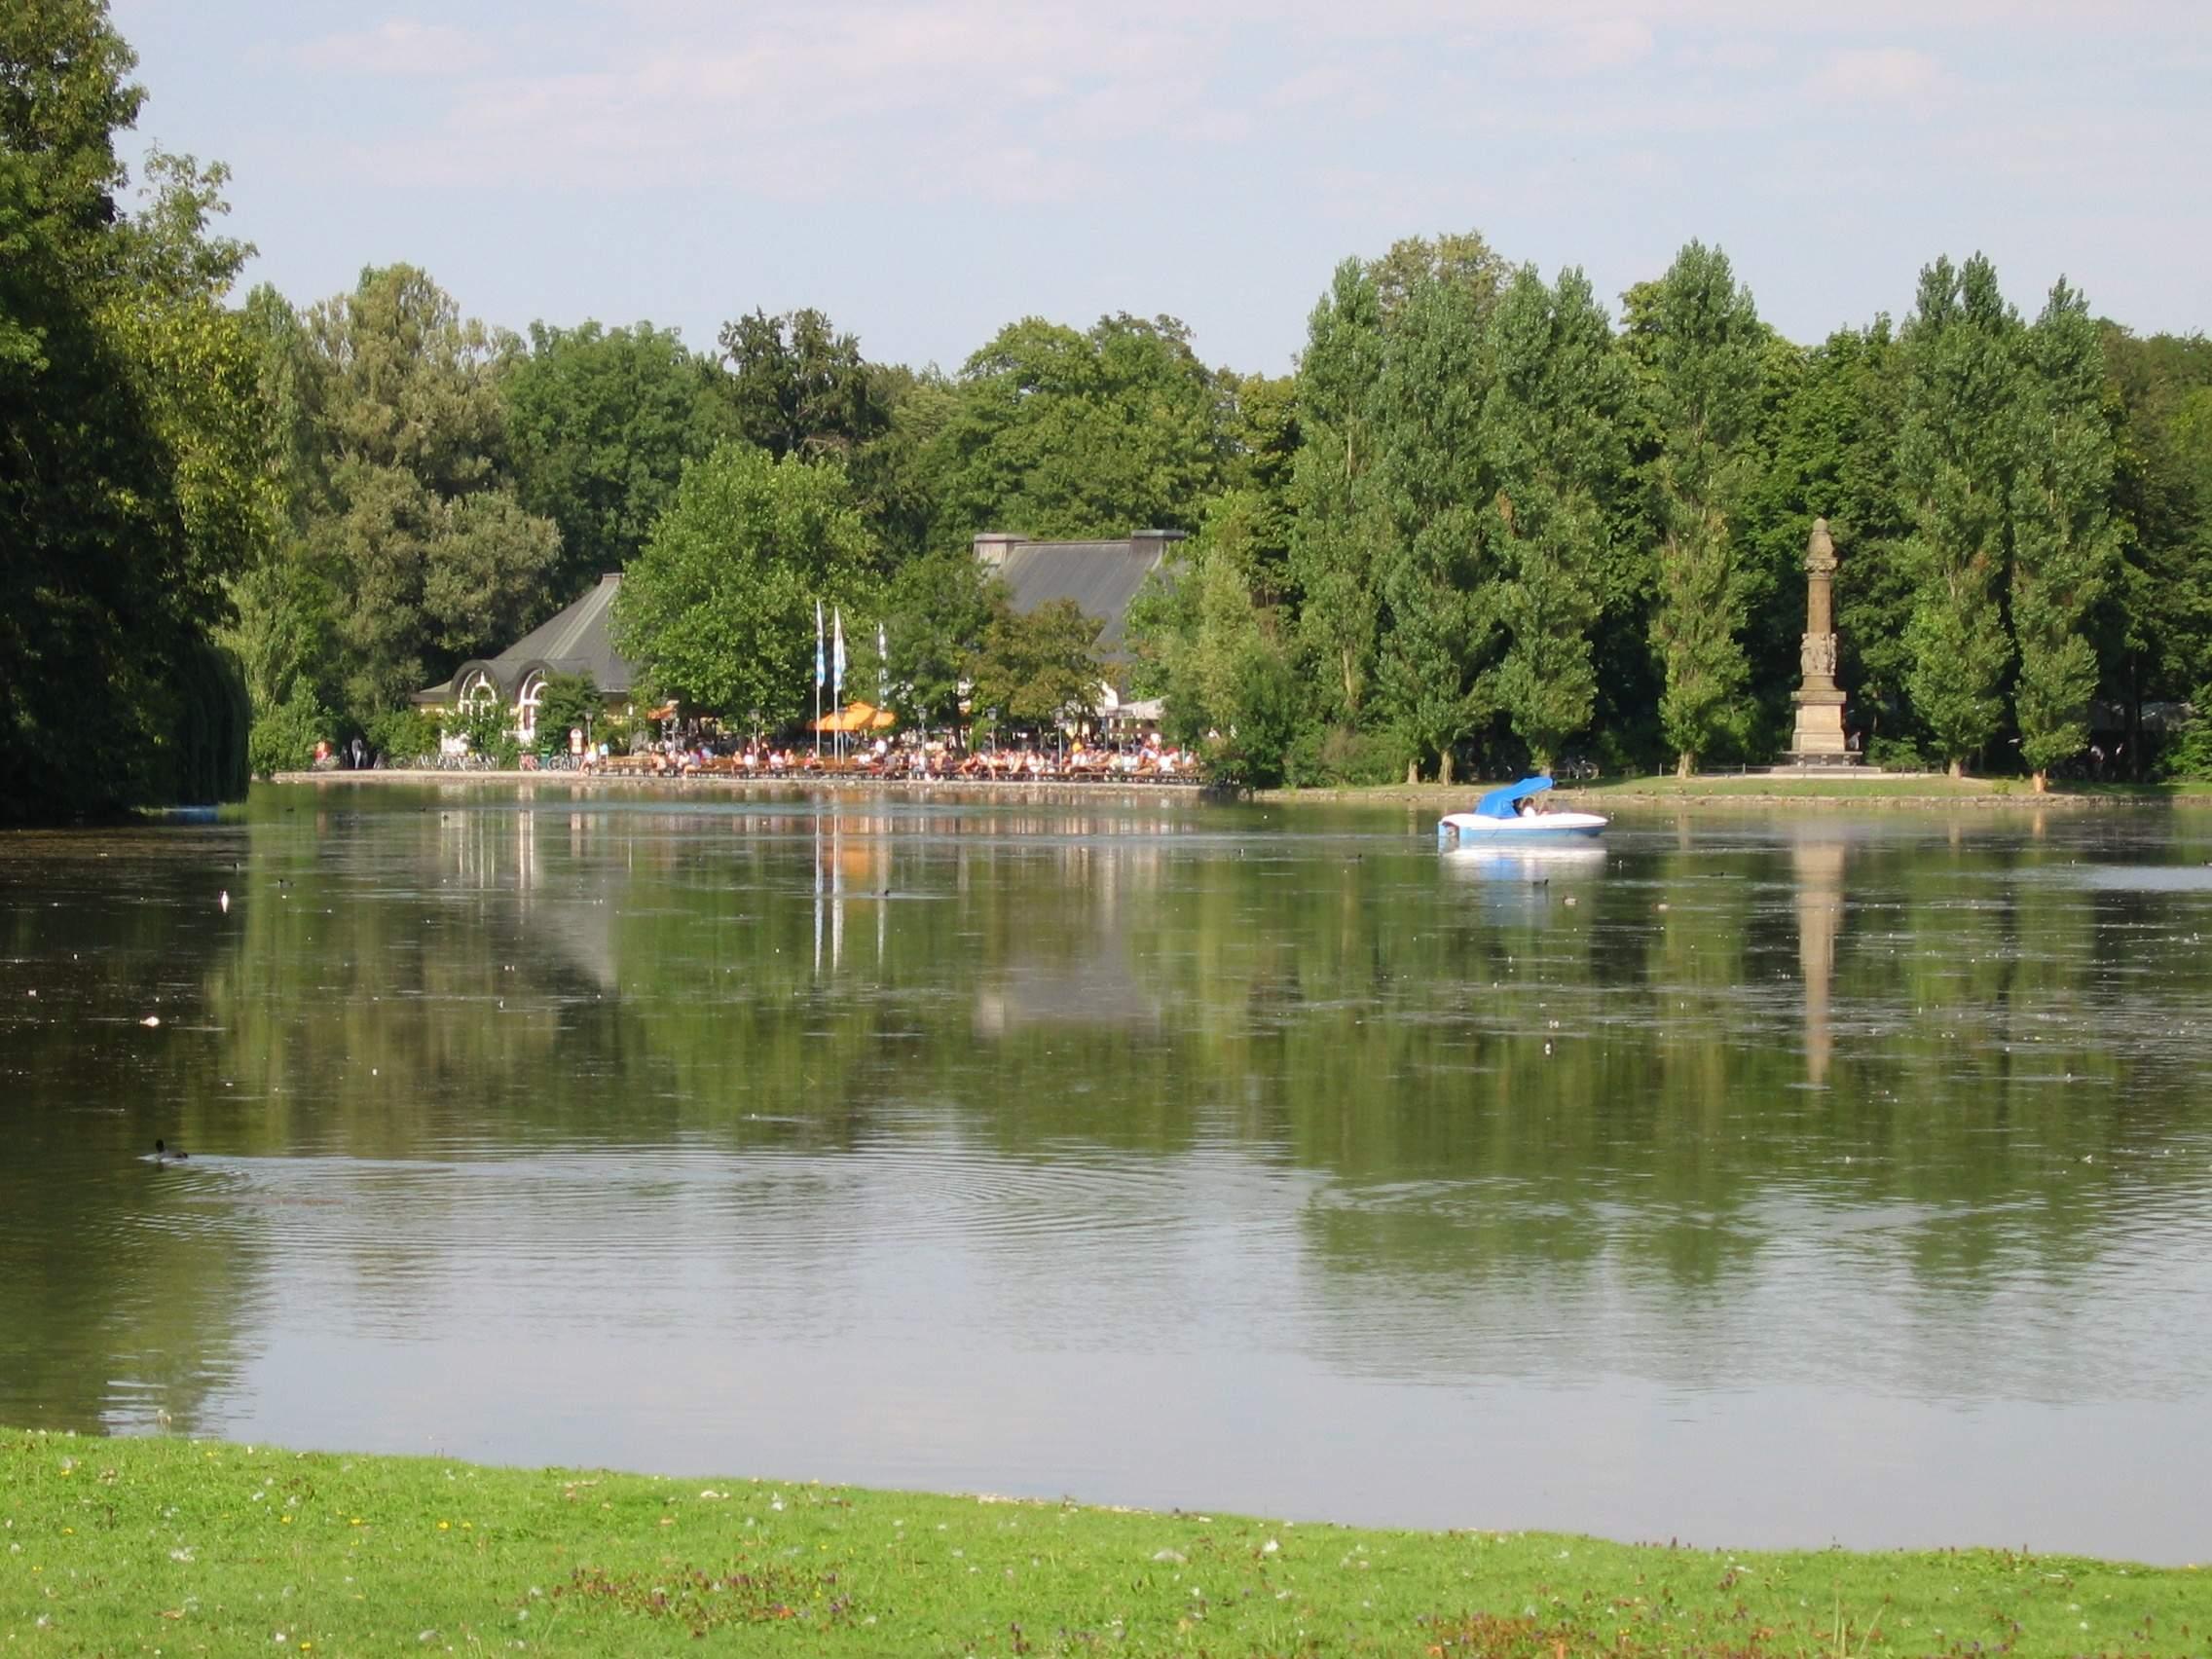 Seehaus Englischer Garten Inspirierend Datei Kleinhesseloher See Mit Denkmal Und Biergarten